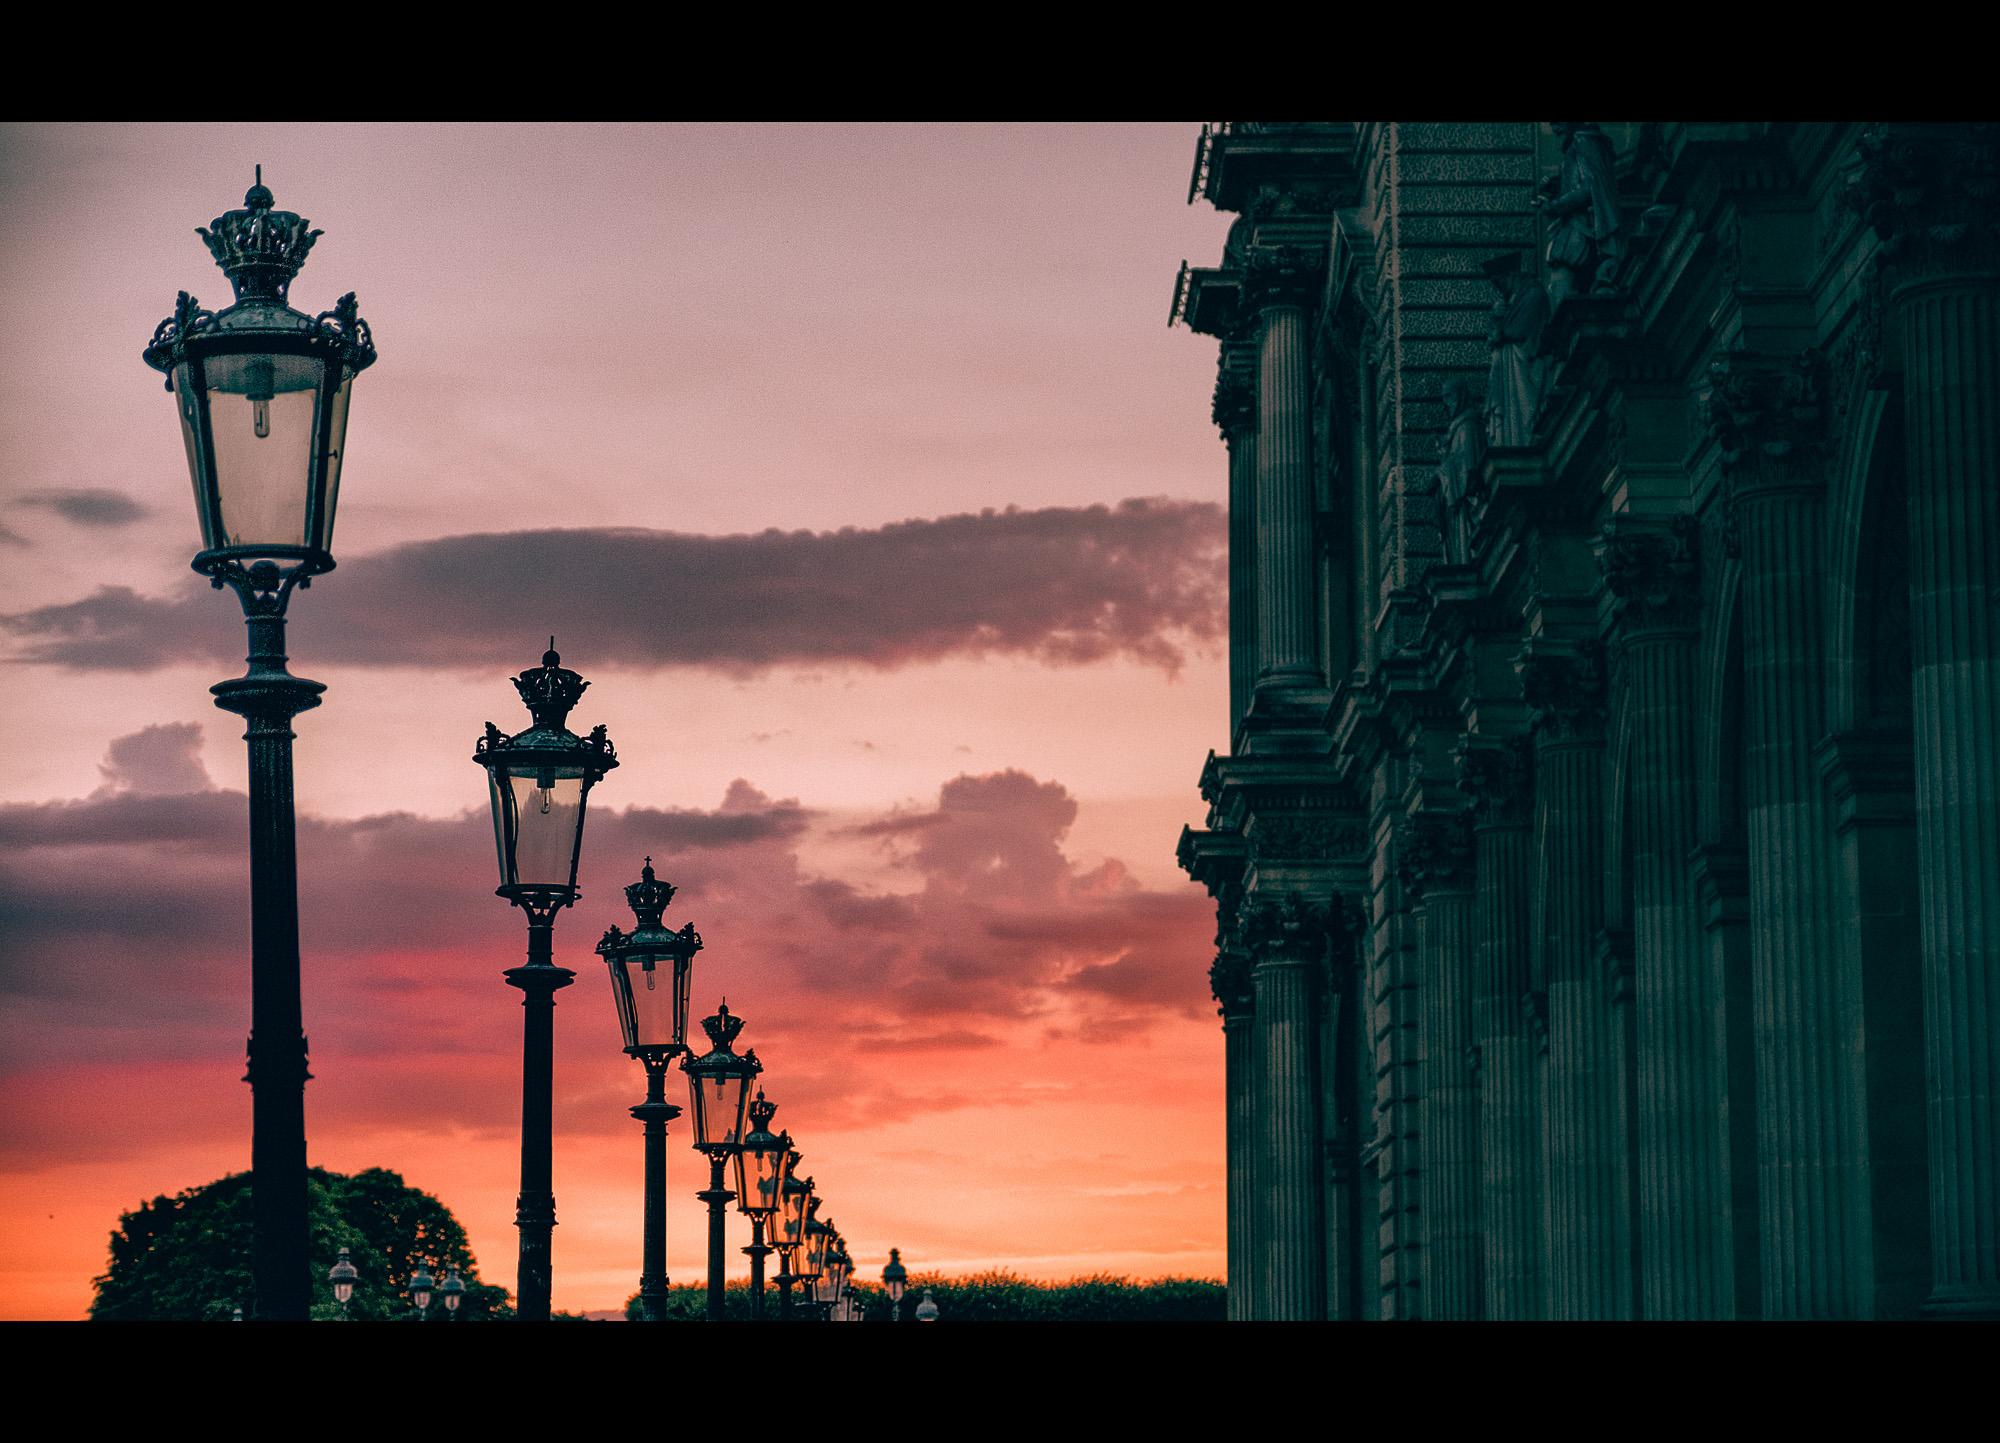 © Patrice Michellon | ISO 200, f/2.8, 1/550s